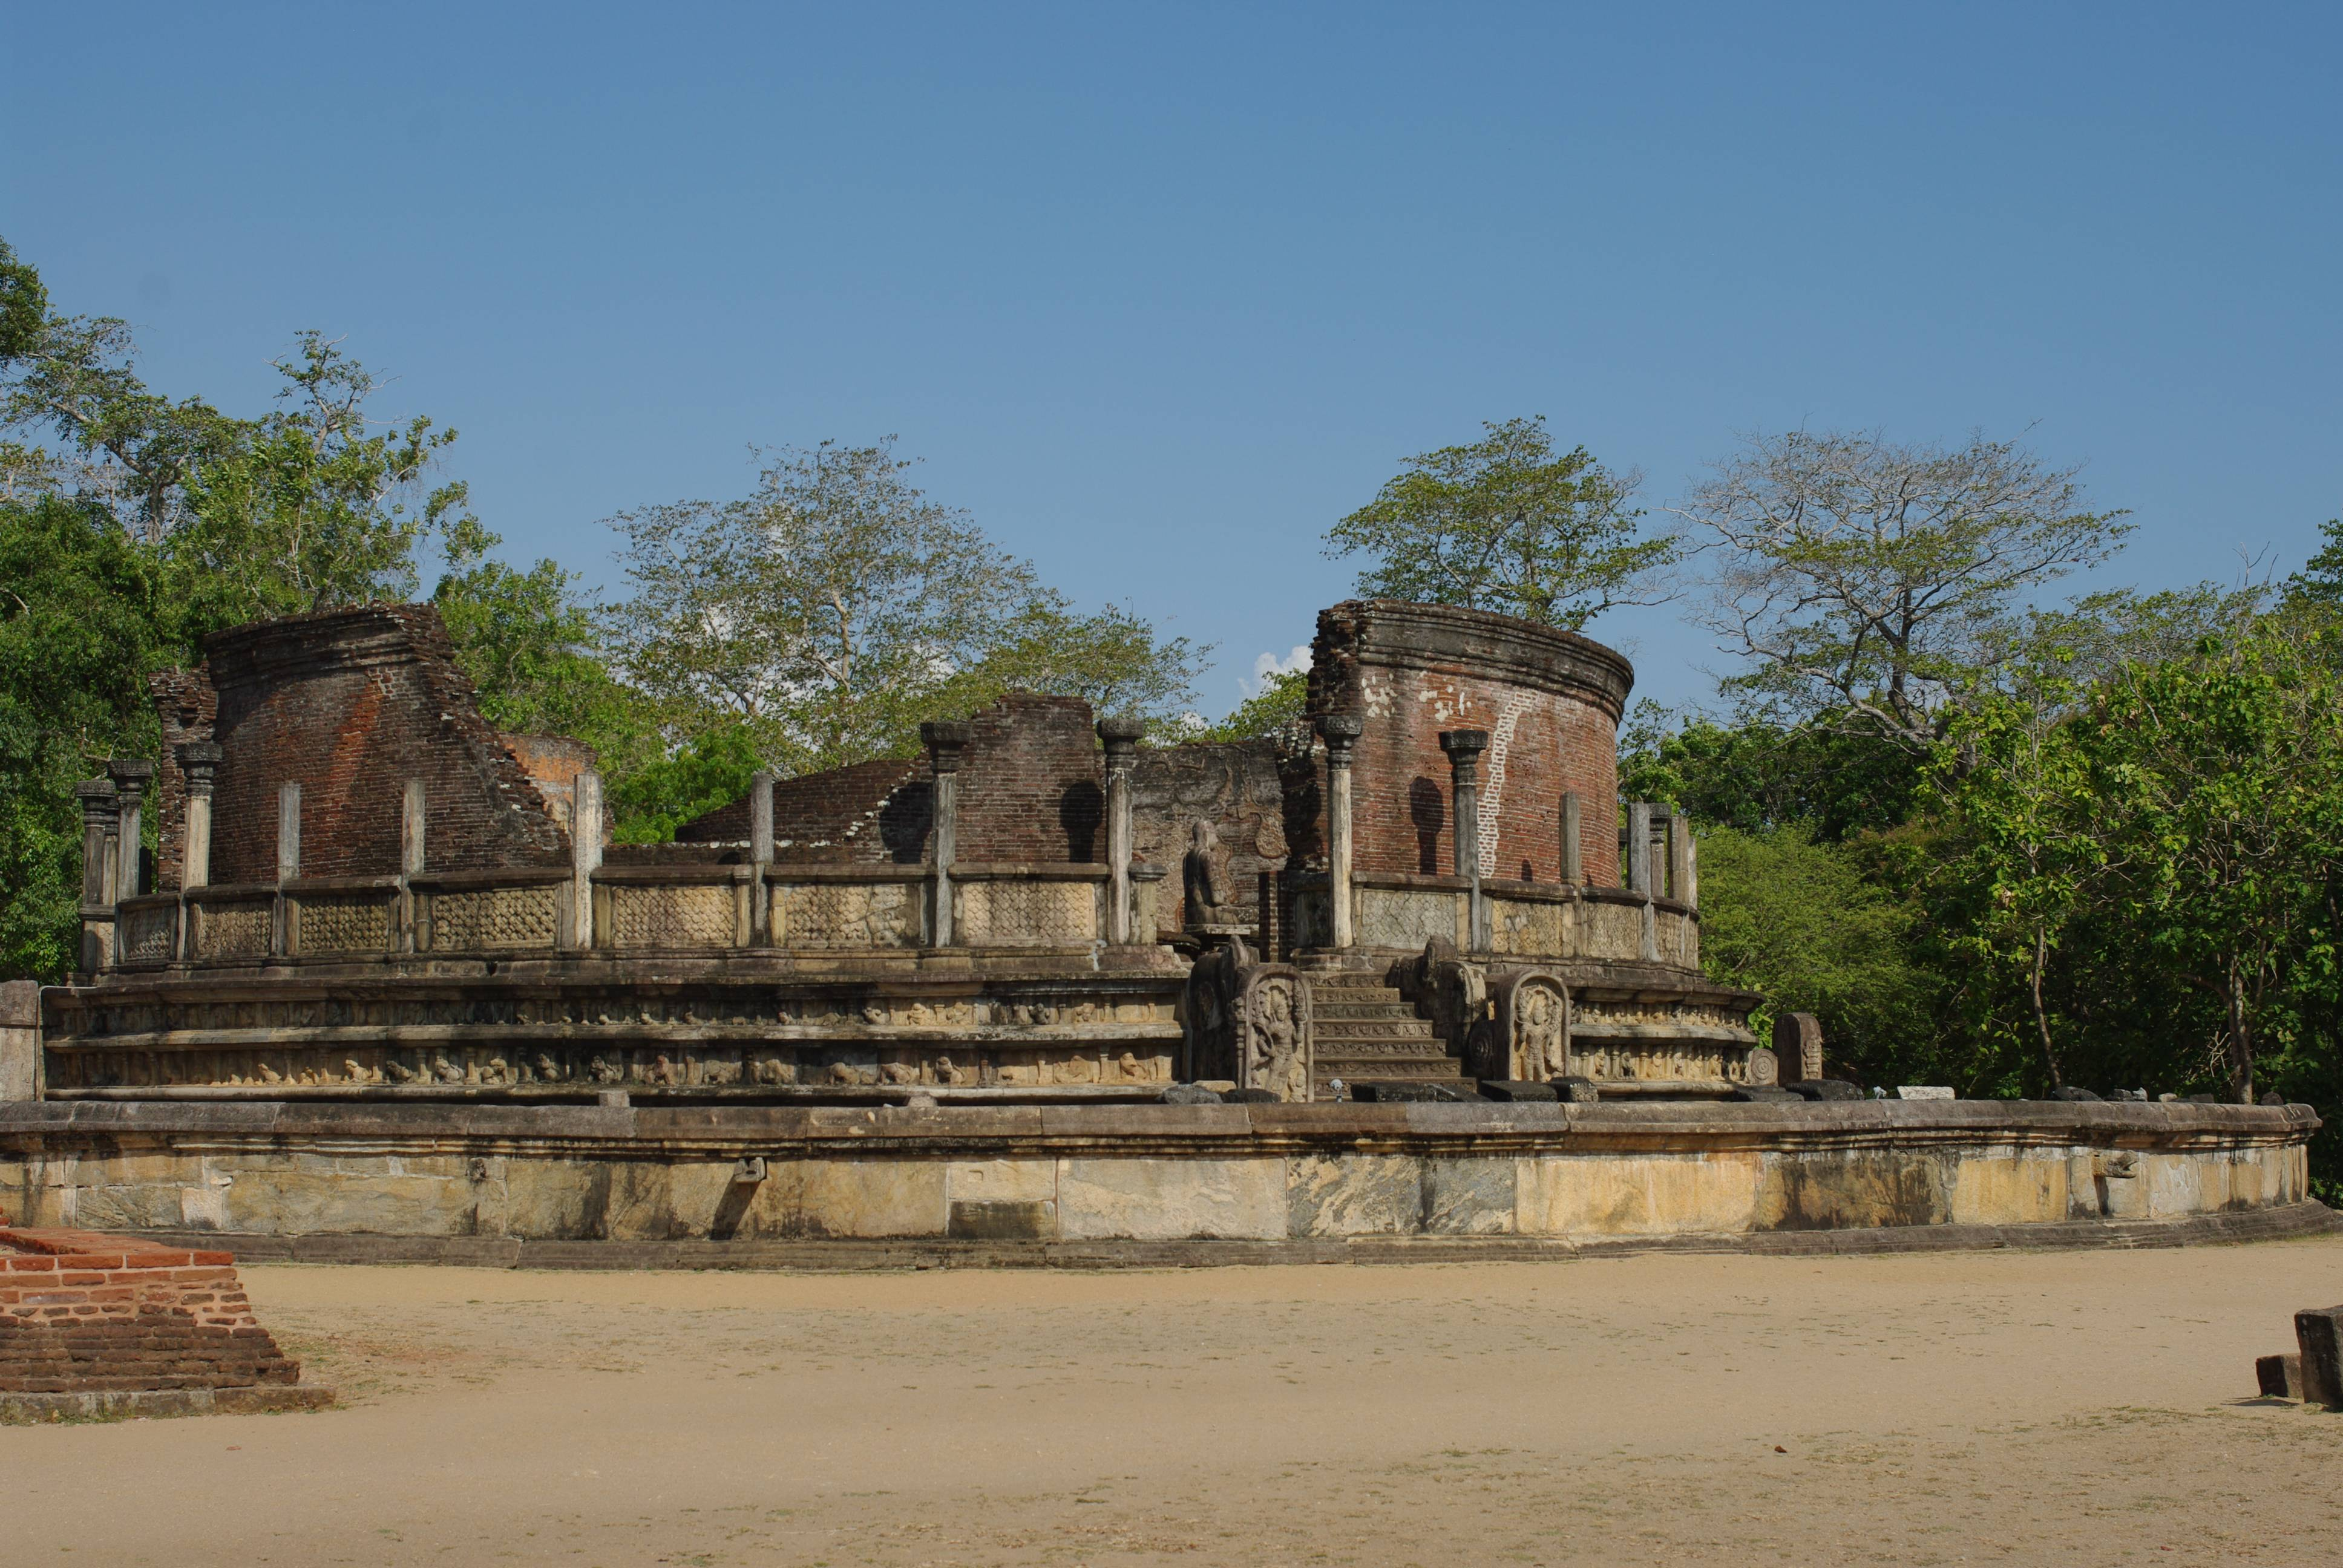 Photo 2: Le site de Polonnaruwa